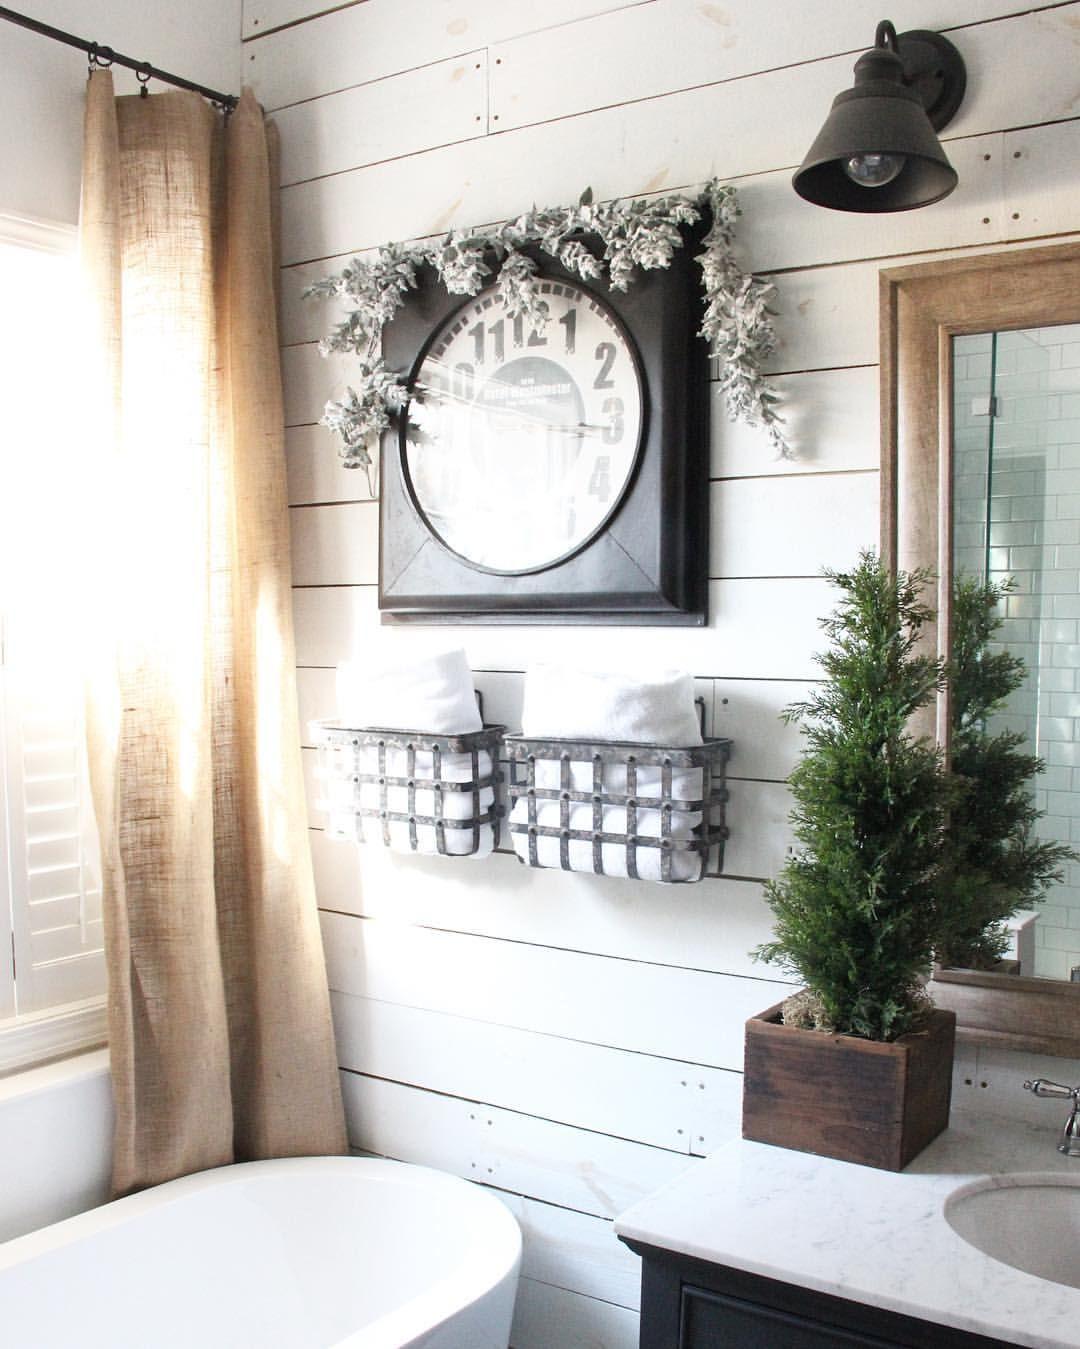 Rustic Farmhouse Bathroom Ideas: The Rustic Boxwood